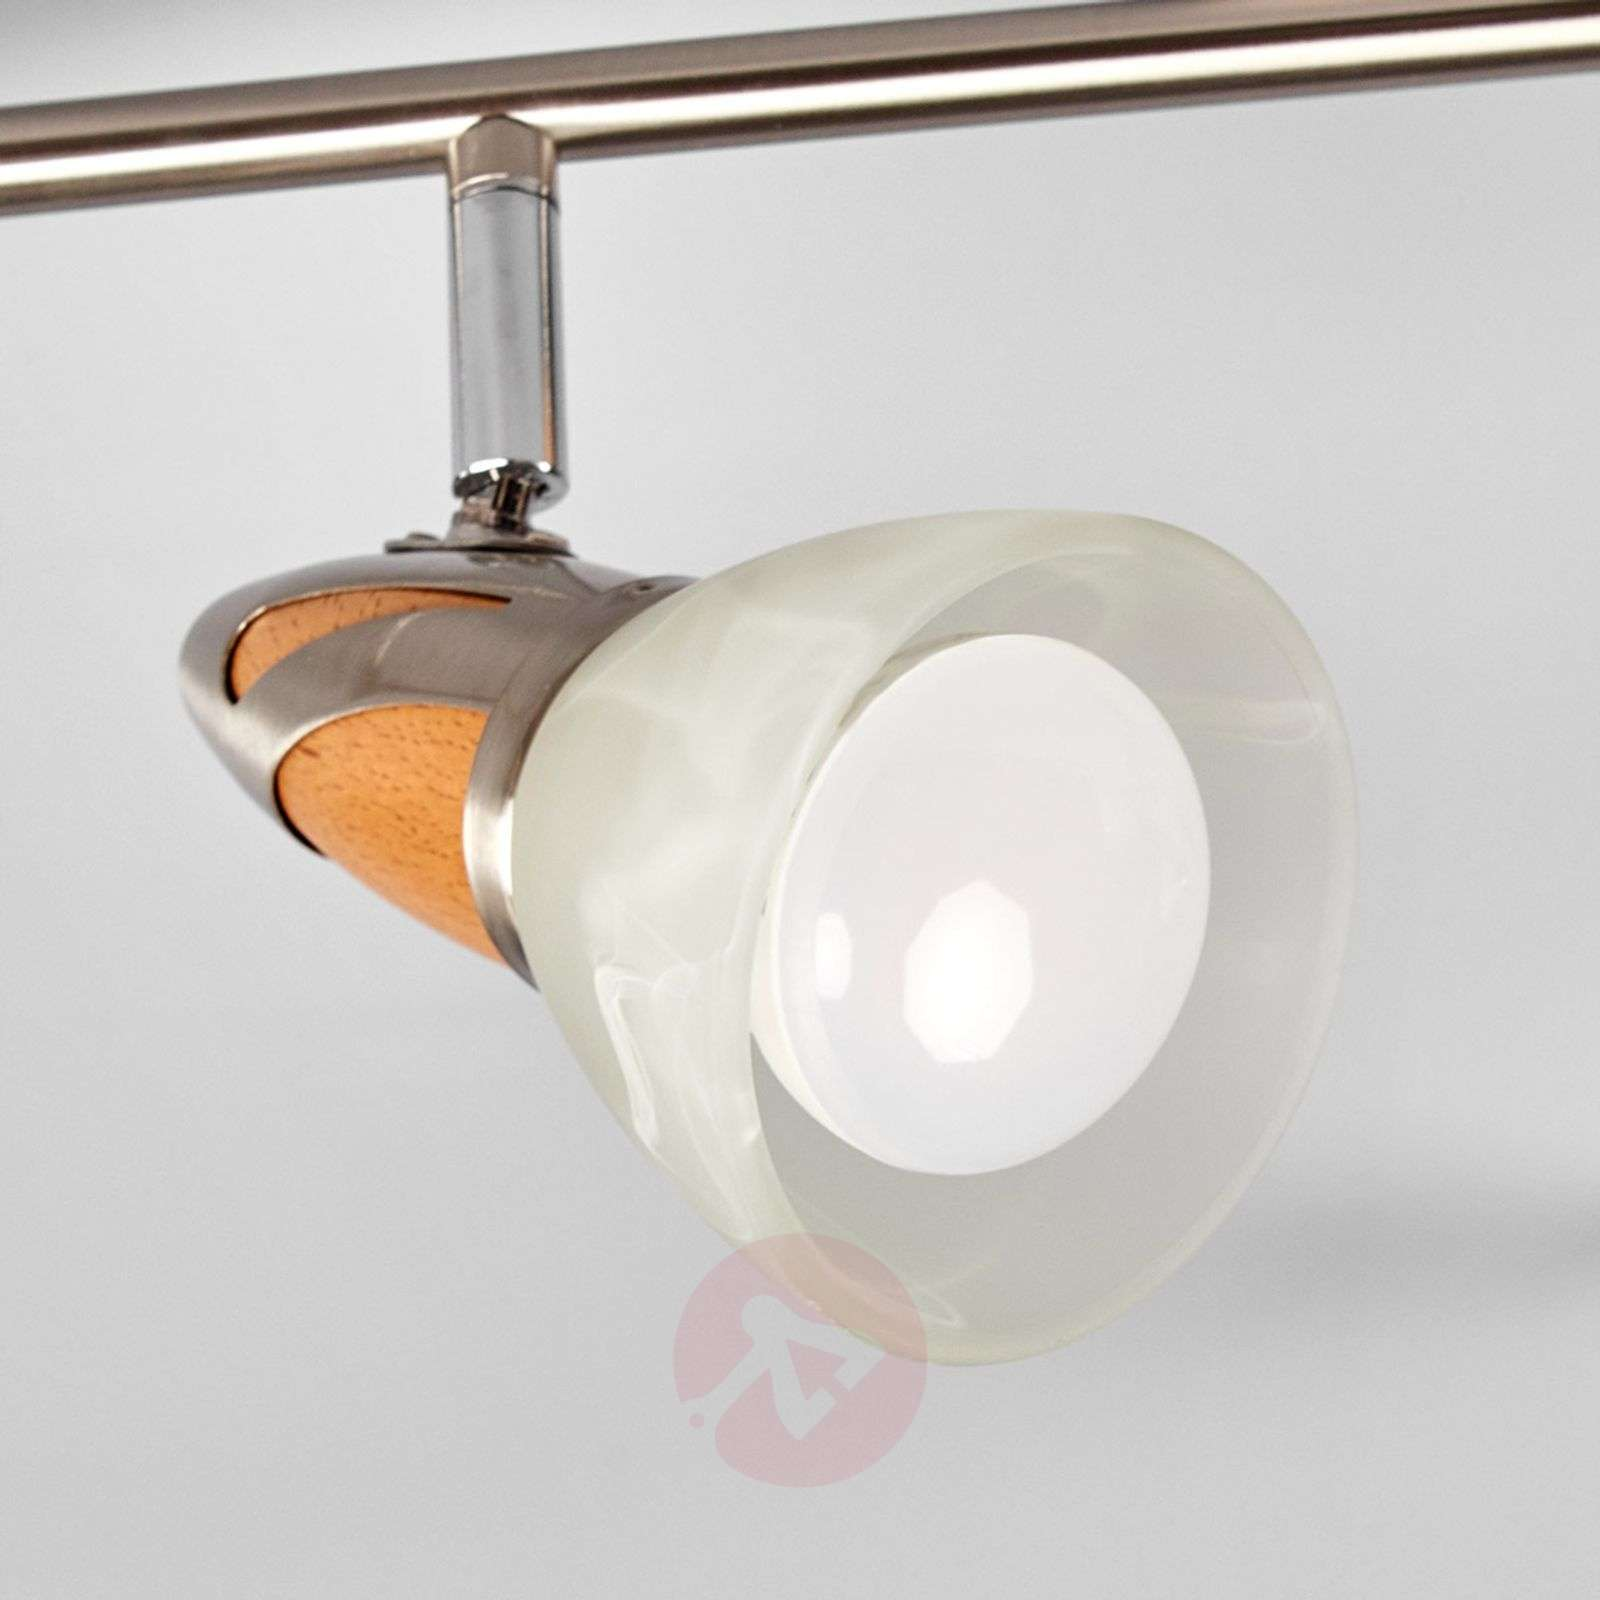 6-lamppuinen LED-kattovalaisin Marena, puuta-9620556-01